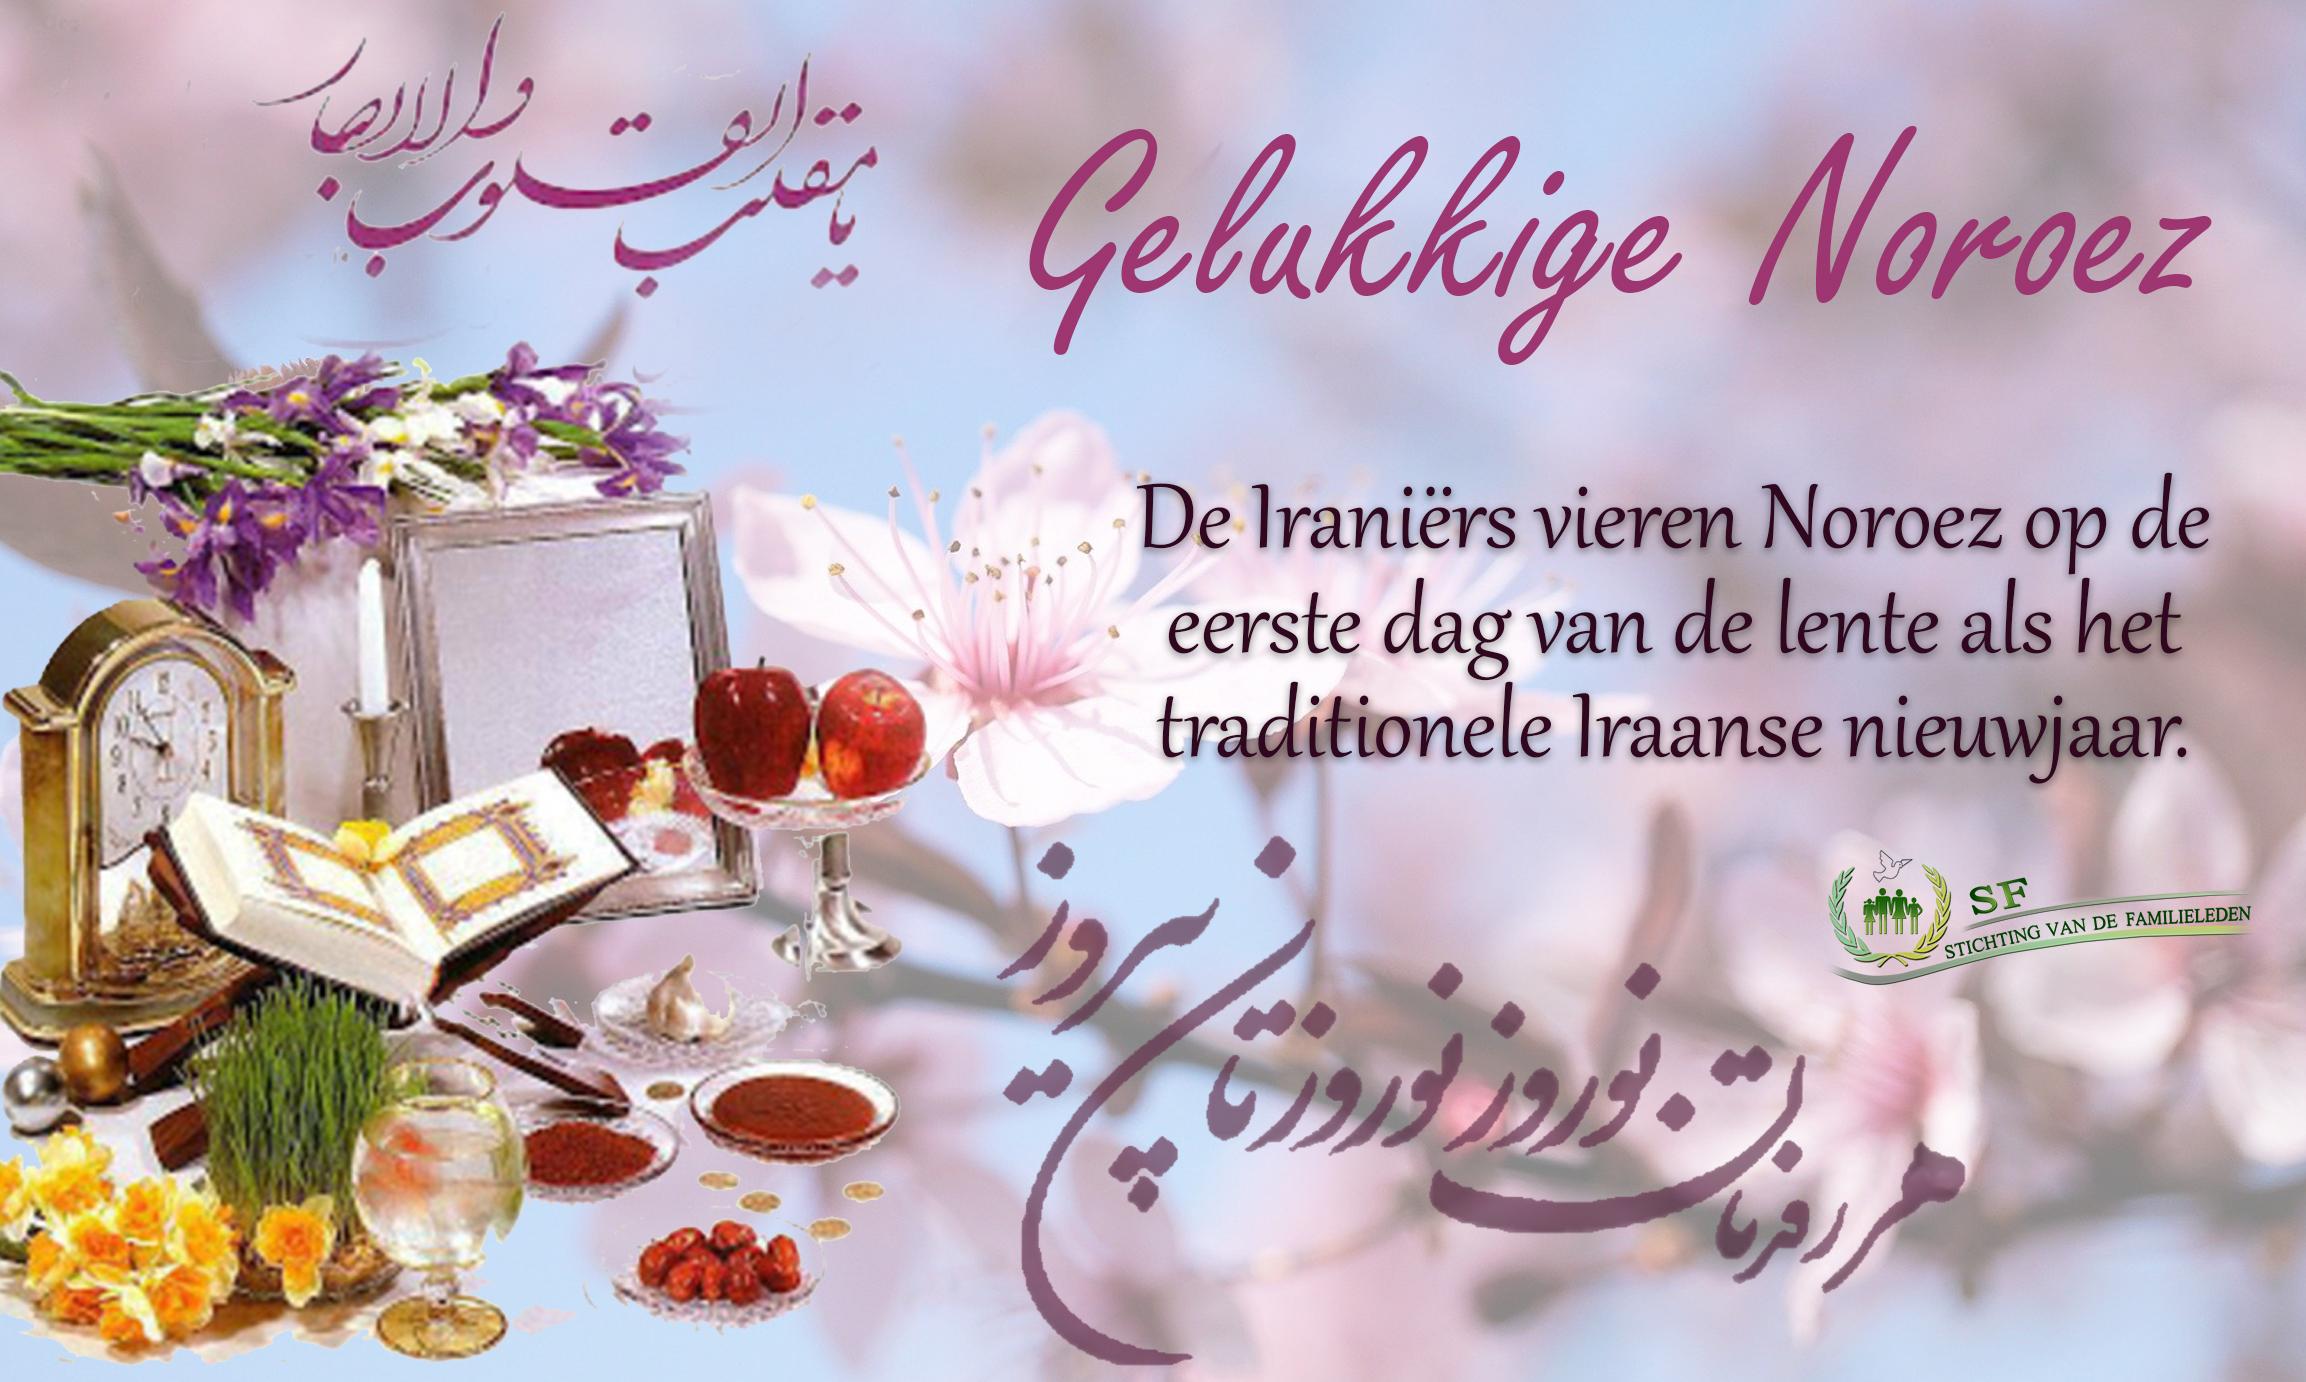 Nowruz 2021 - Stichting van de familieleden